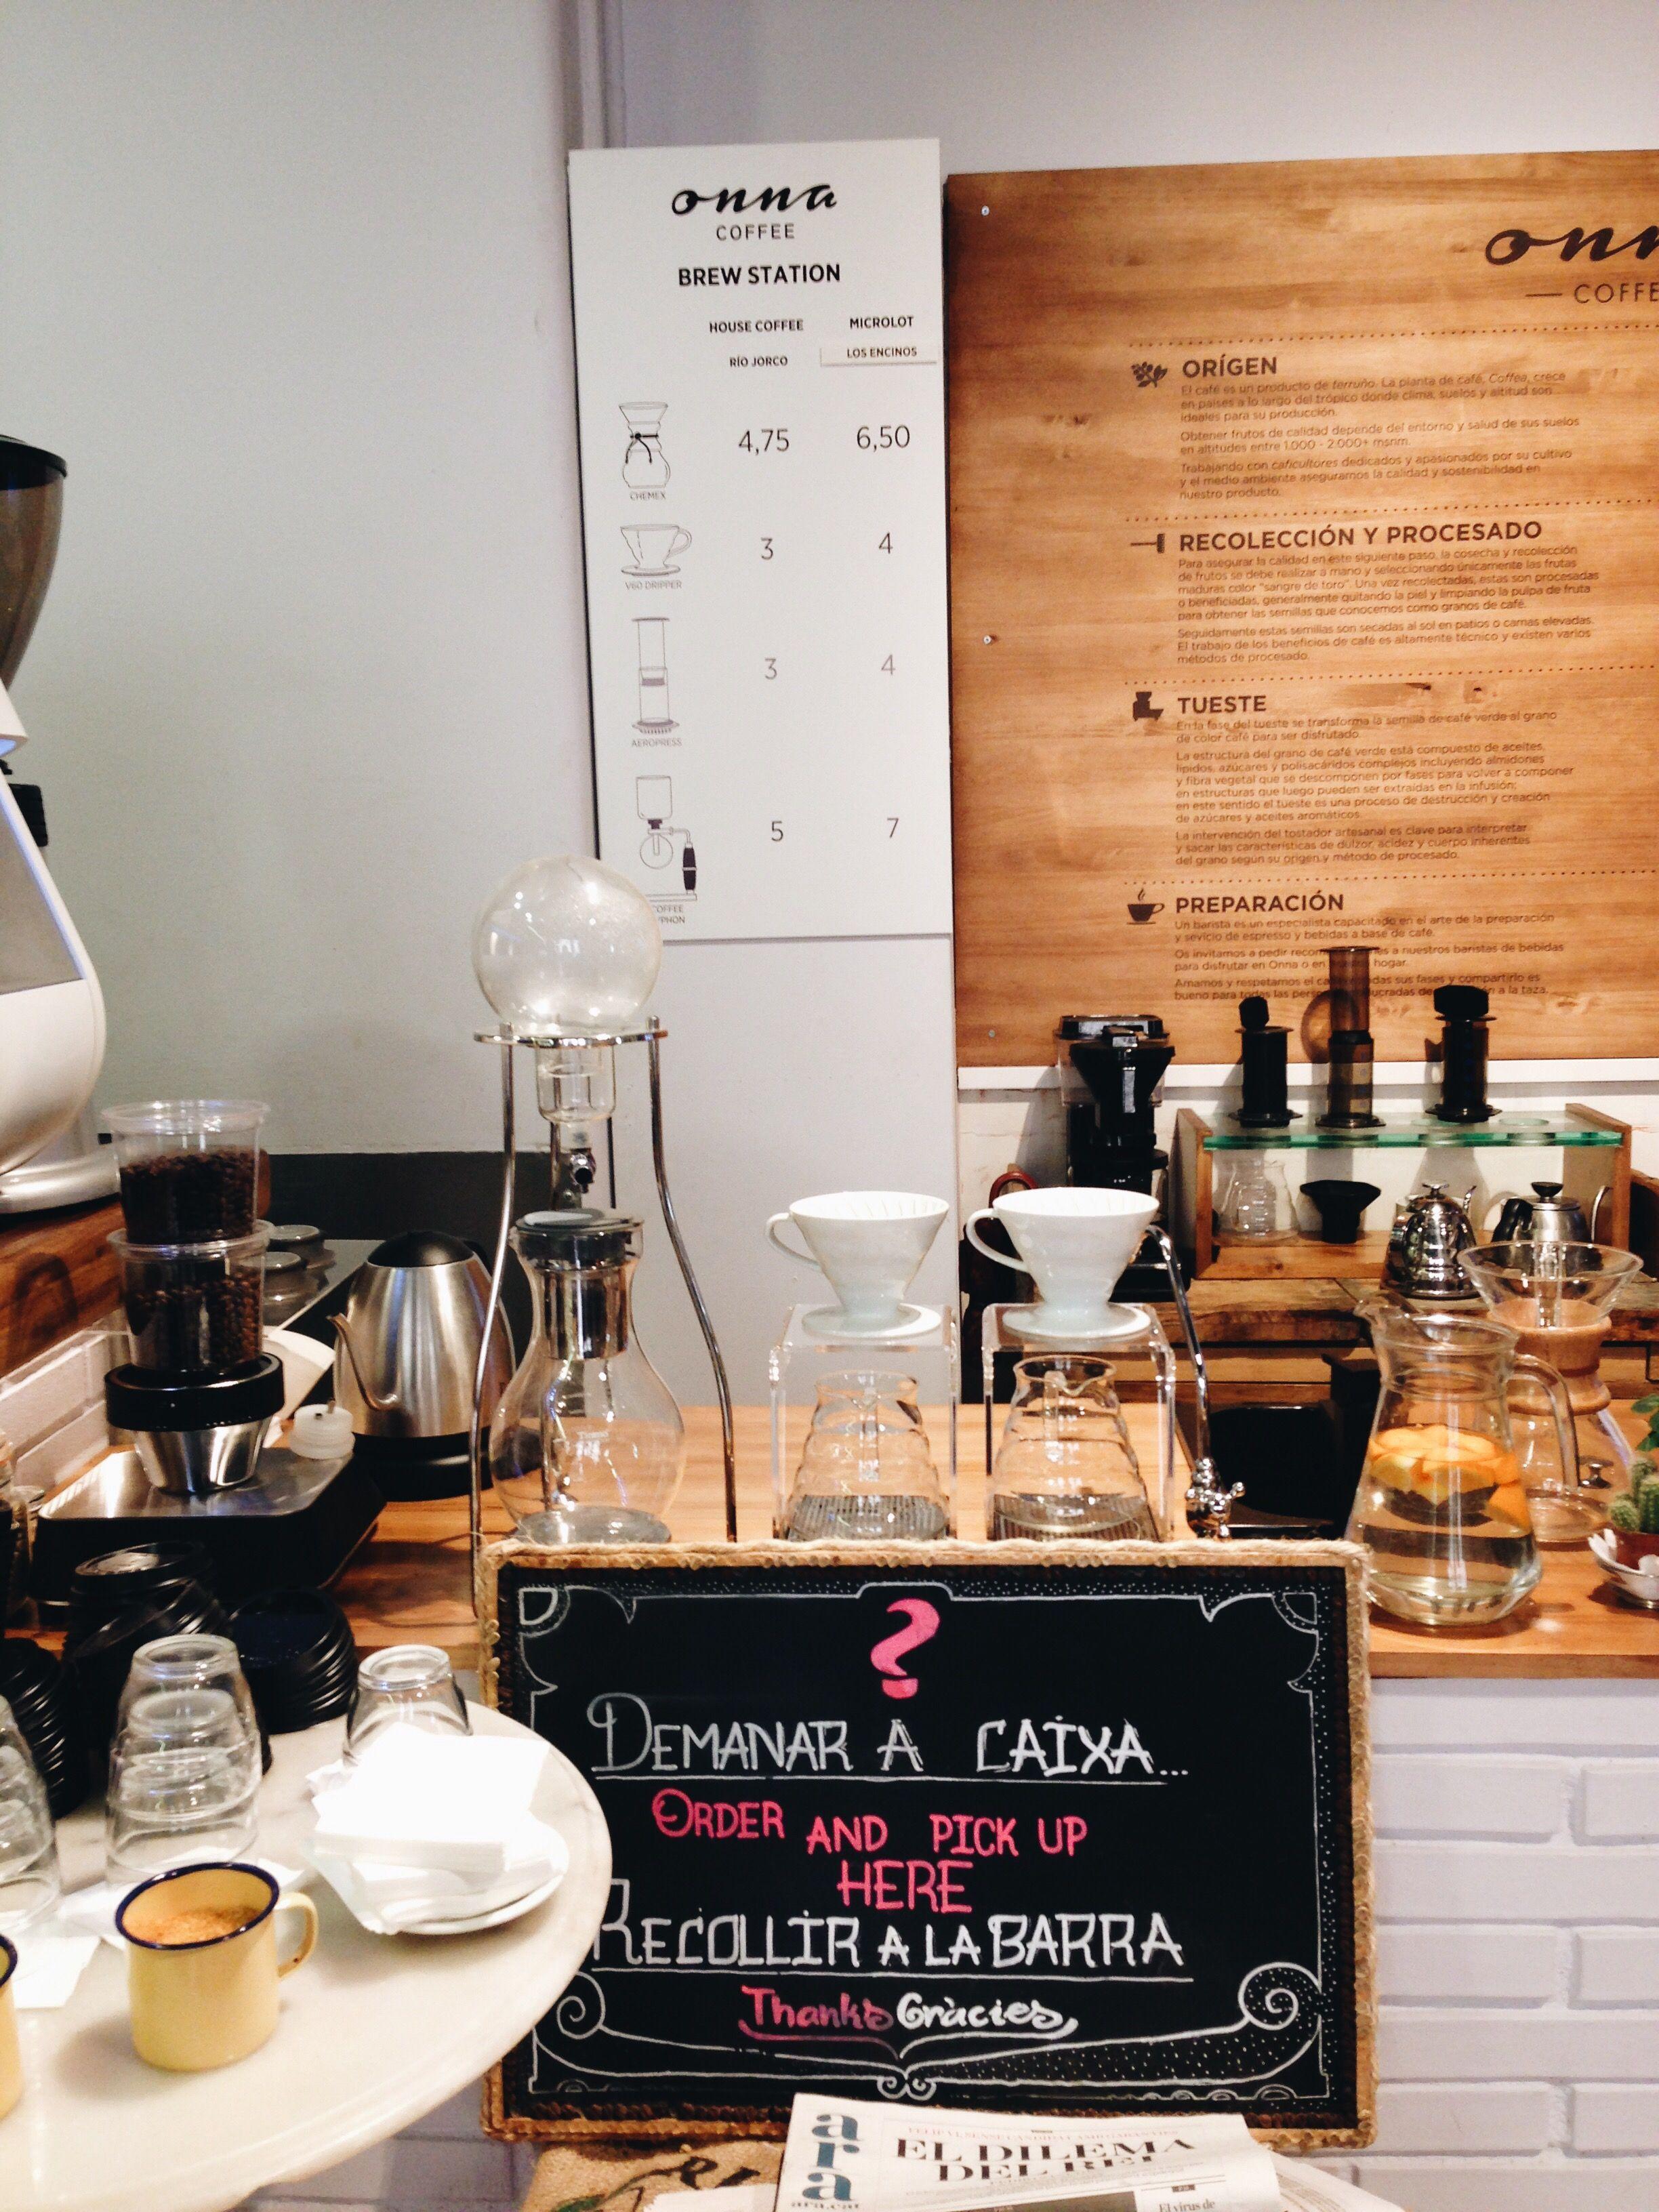 onna coffe cafeterias recomendadas en barcelona foodie